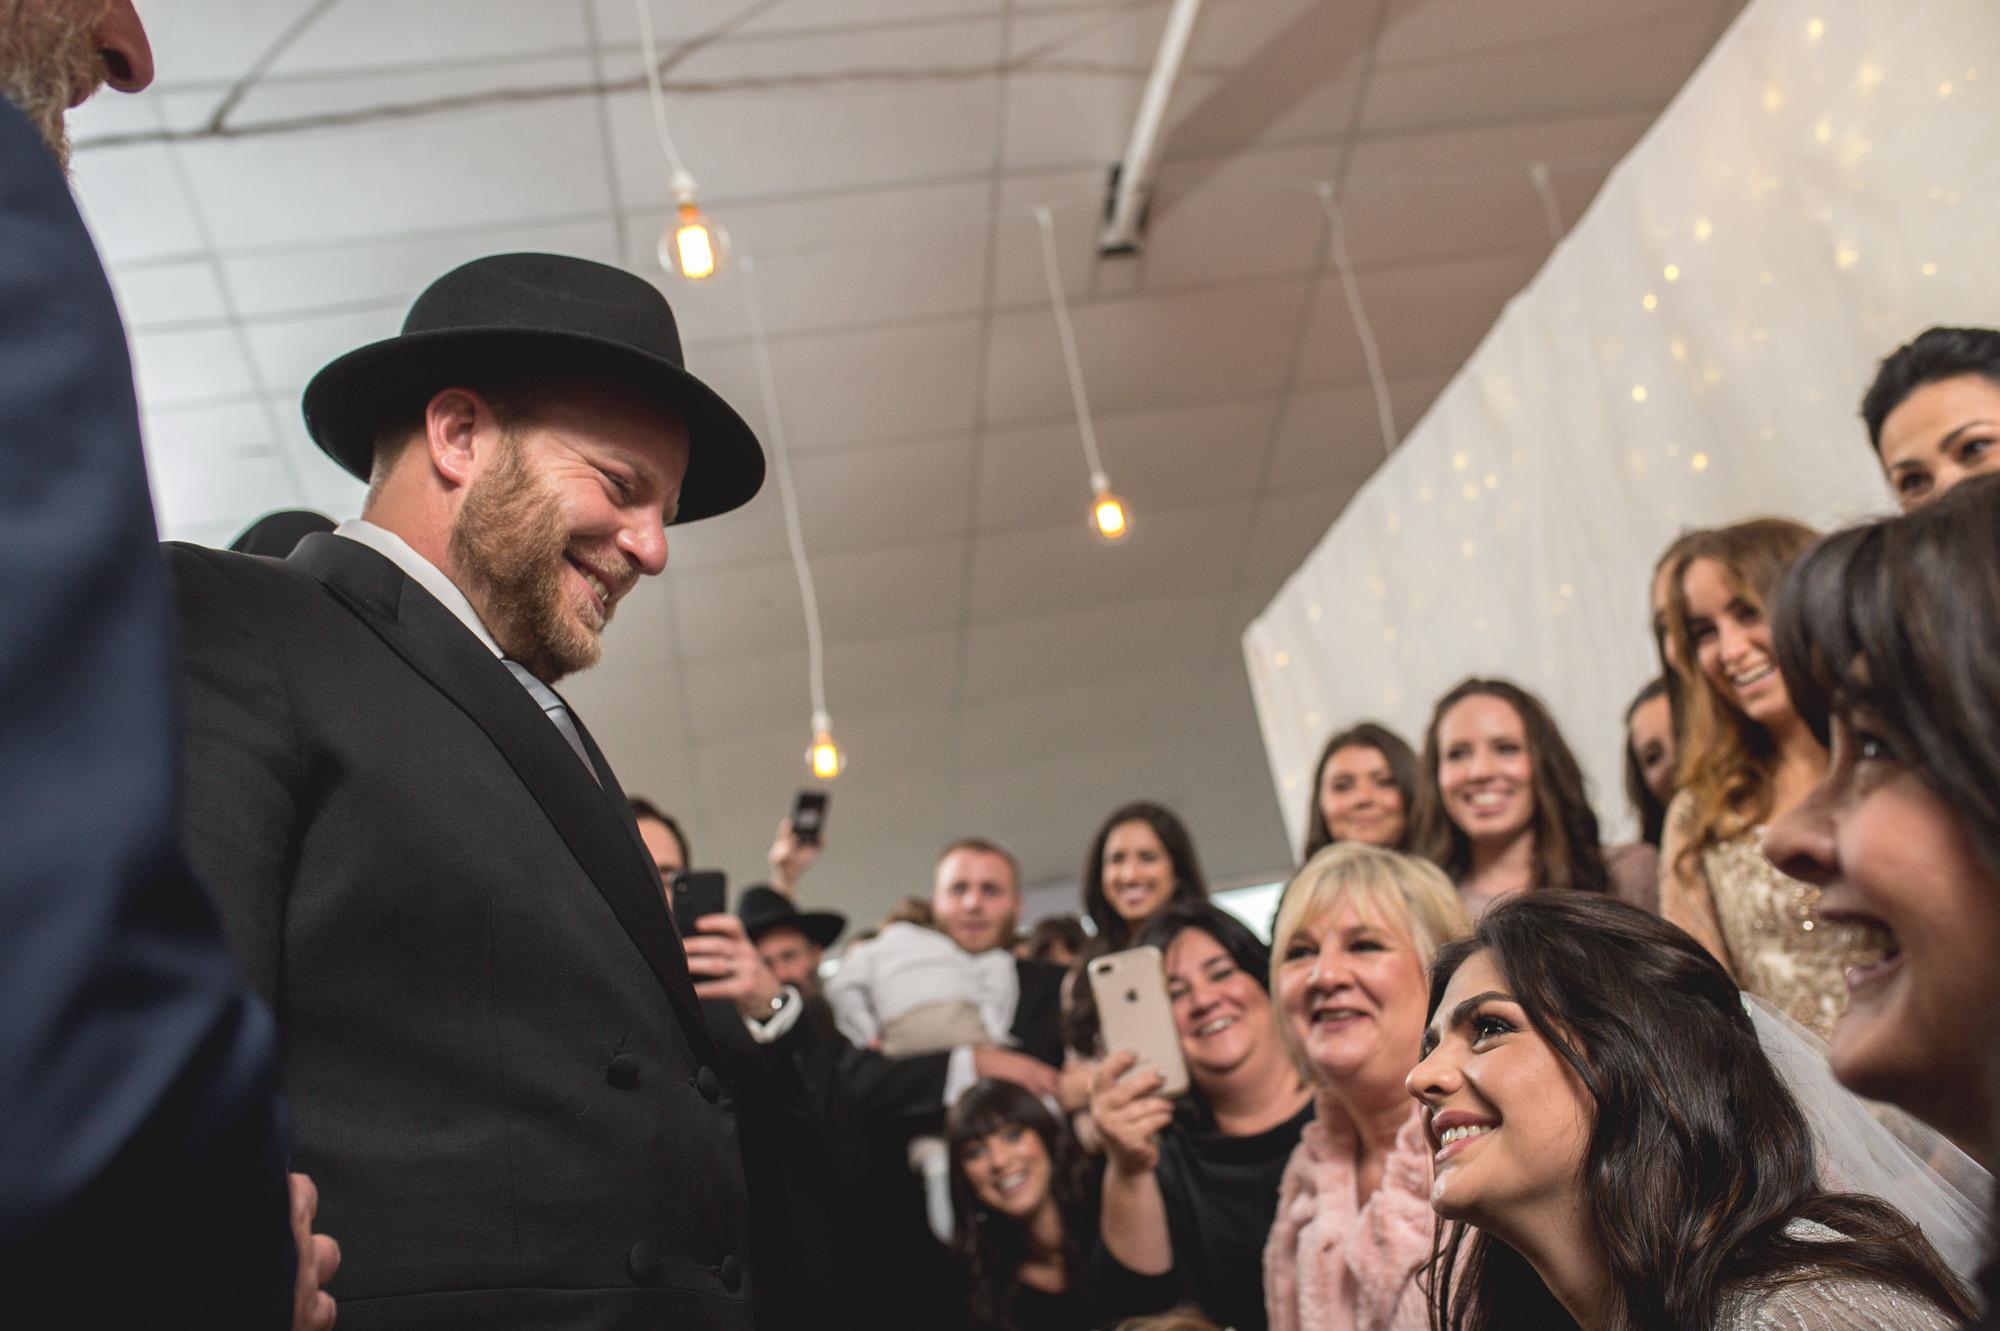 john-henry-wedding-photographer-aaron-devorah-the-lookout-034.JPG